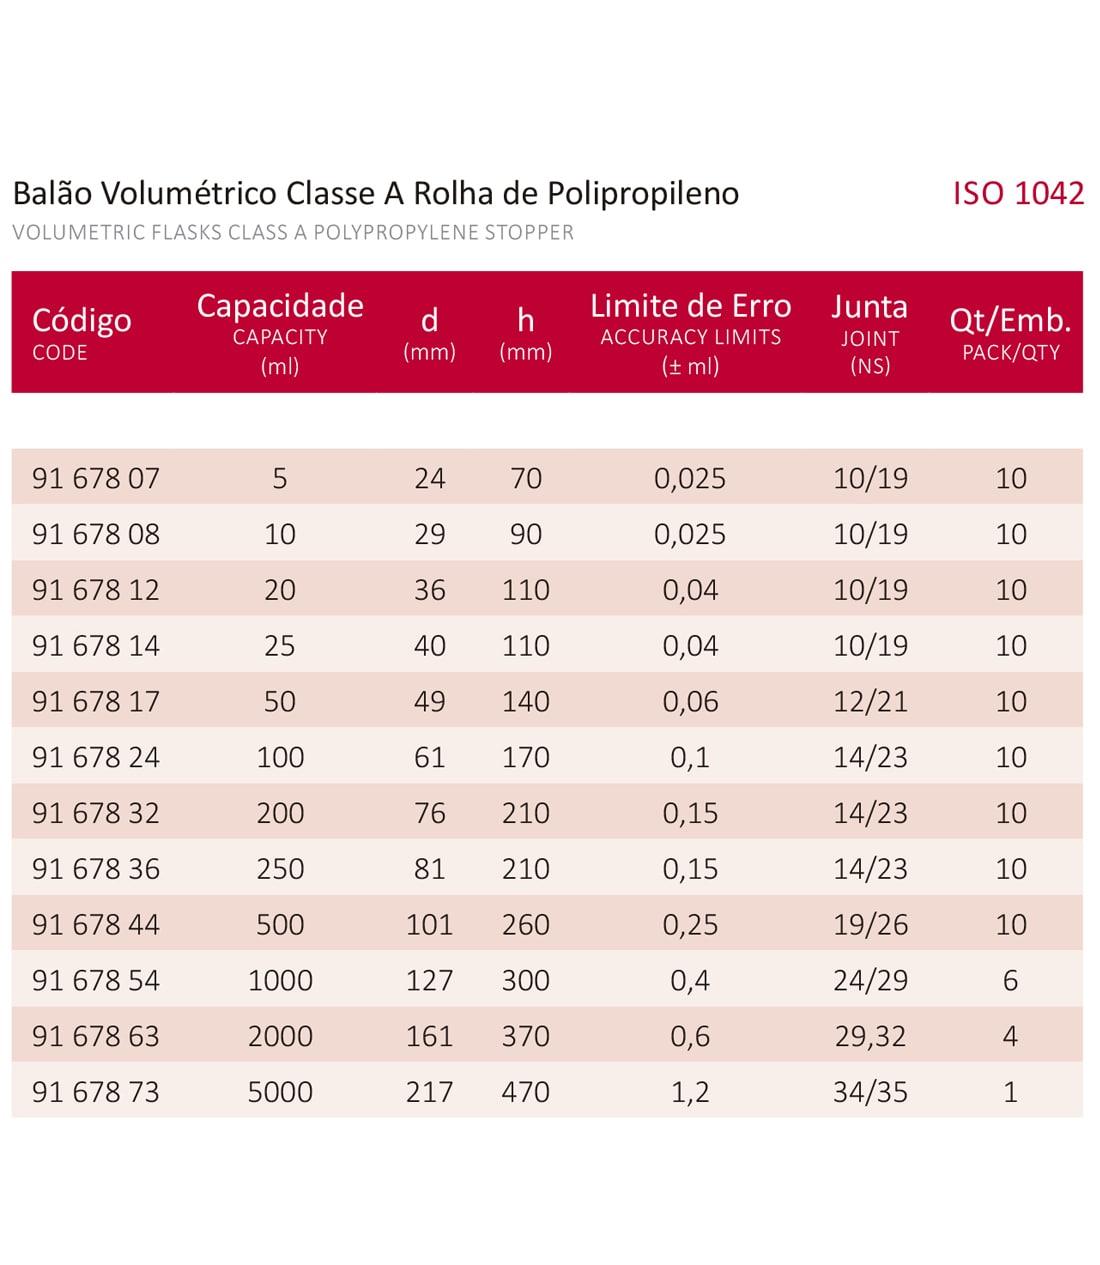 BALÃO VOLUMÉTRICO CLASSE A ROLHA POLI C/ CERTIFICADO RASTREÁVEL 100 ML - Marca Laborglas - Cód. 9167824-C